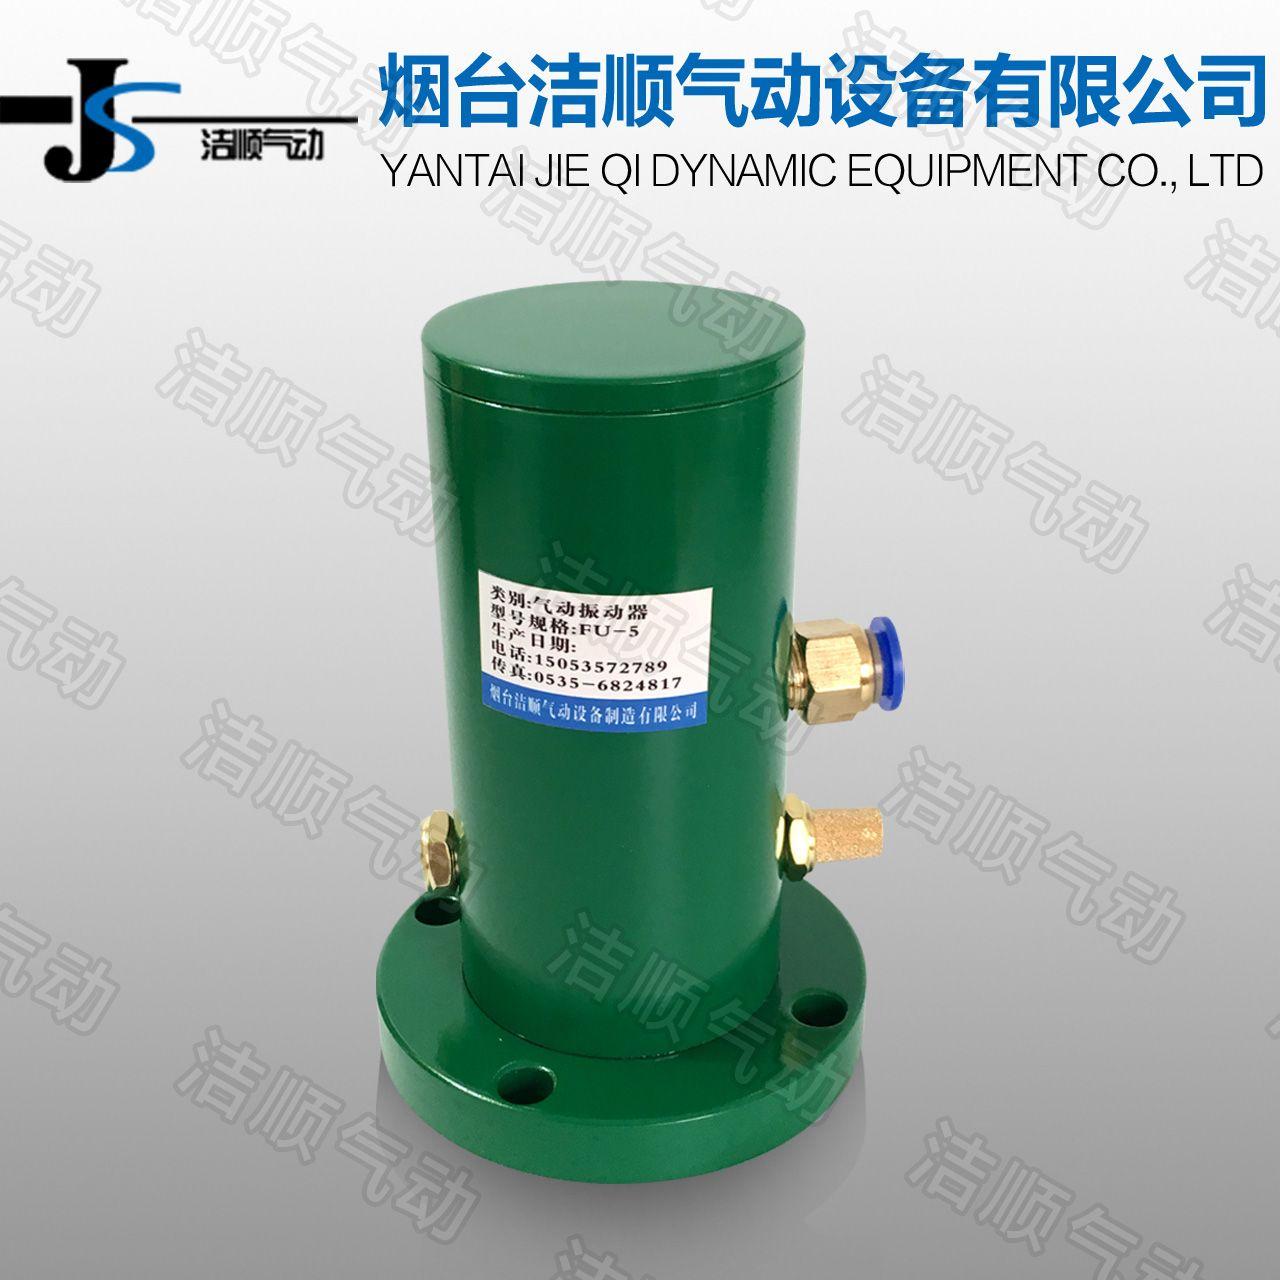 FU型 碳钢 气动振动器